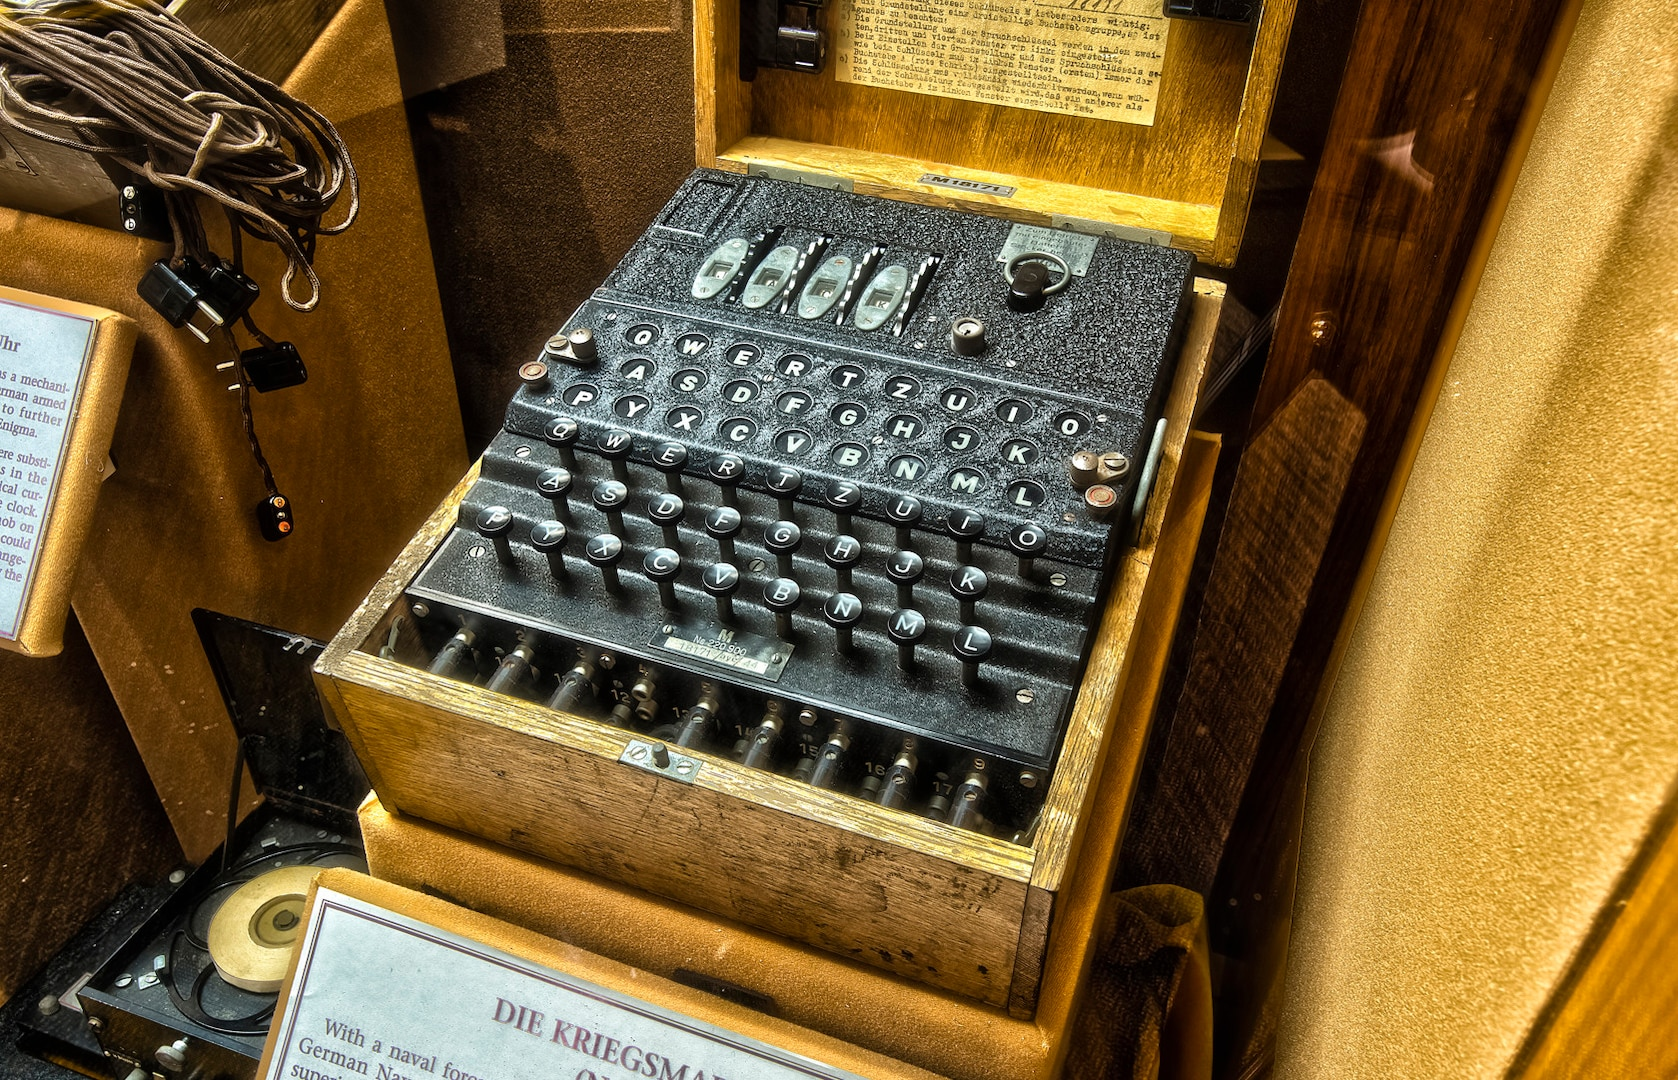 The Enigma Machine